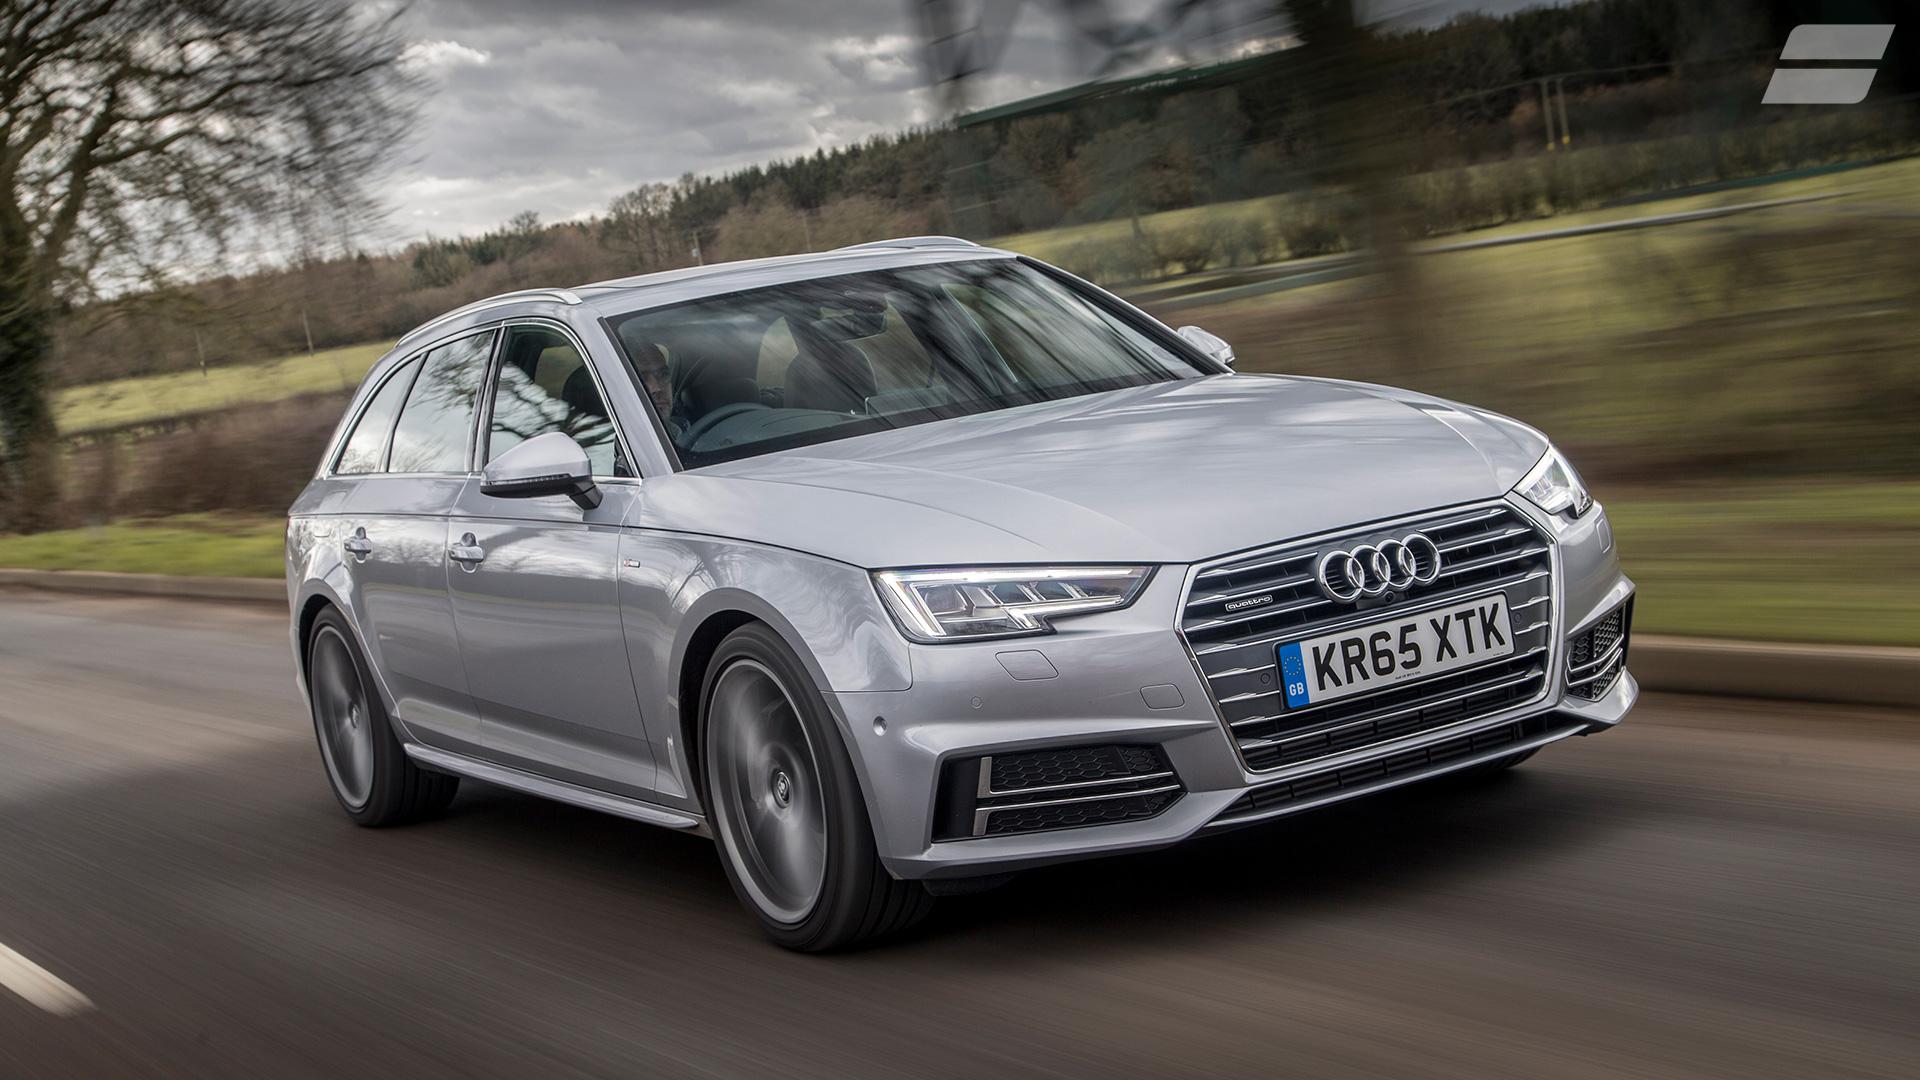 Kekurangan Audi Avant A4 Murah Berkualitas